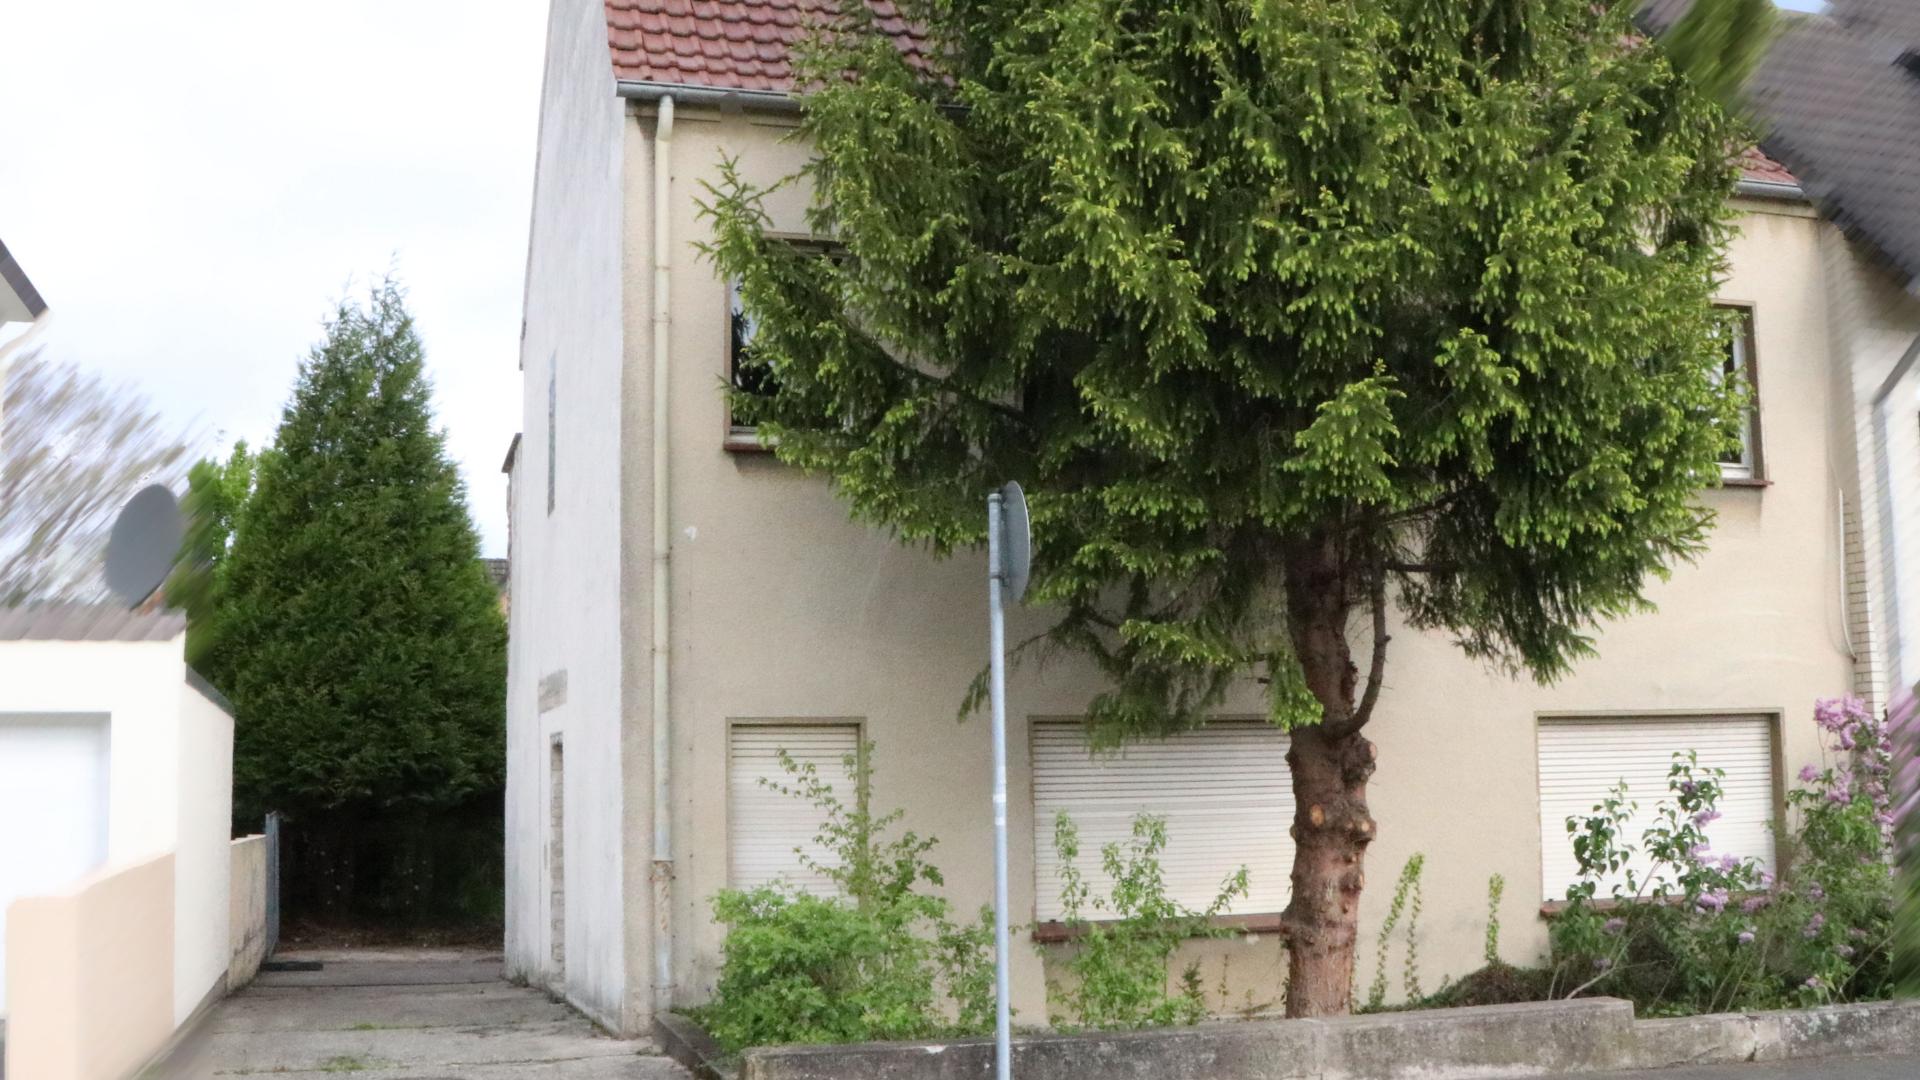 Jede Menge Potenzial - Doppelhaushälfte in zentraler Lage von Paderborn